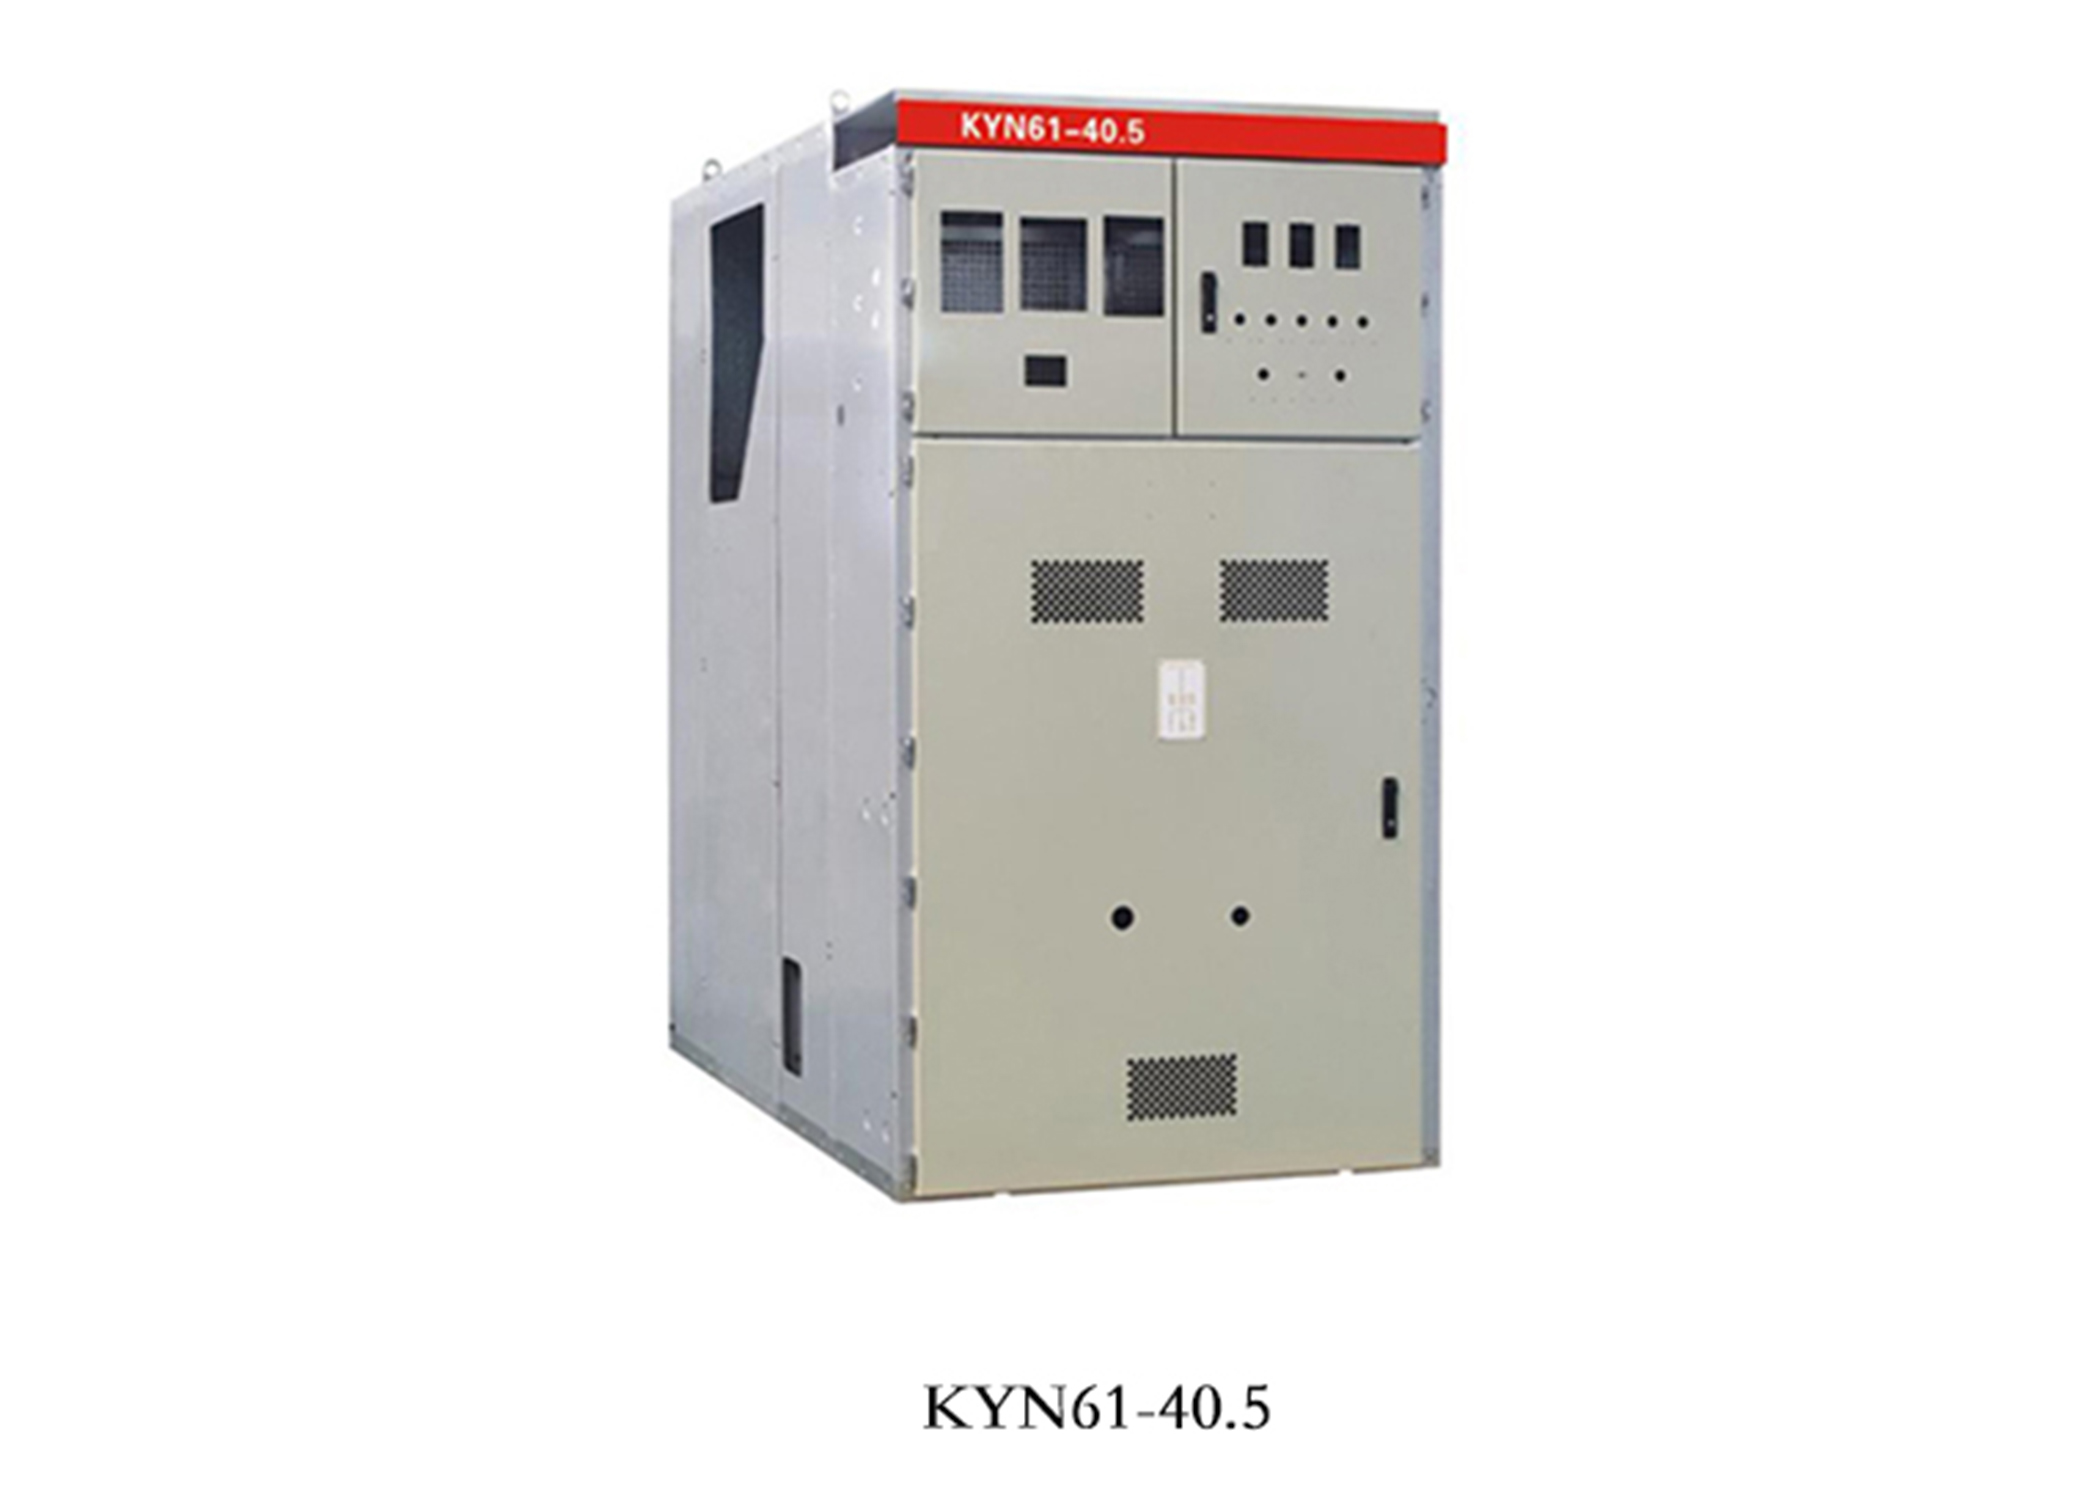 KYN61-40